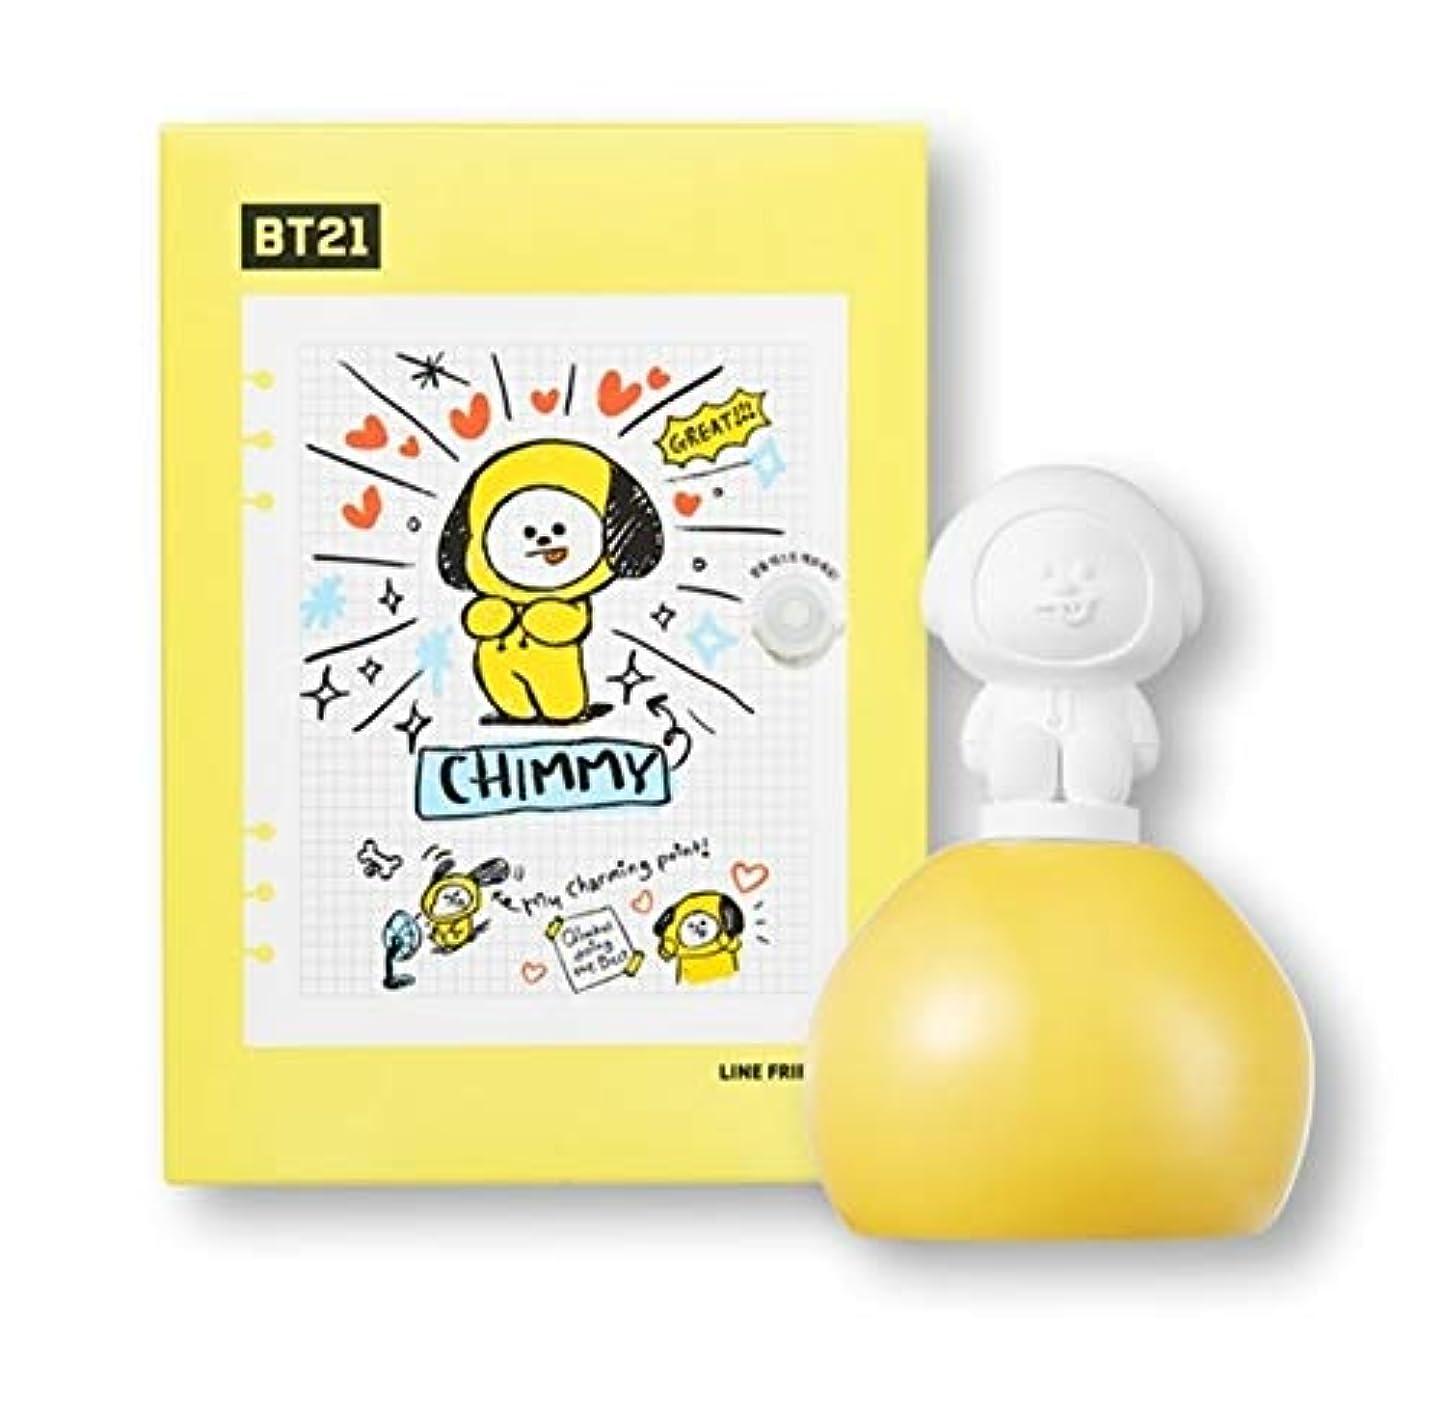 ひばりスリム利益最終 BT21 CHIMMY アロマディフューザー 柚子レモンの香り 芳香剤 防弾少年団 BTS チミー オリーブヤング